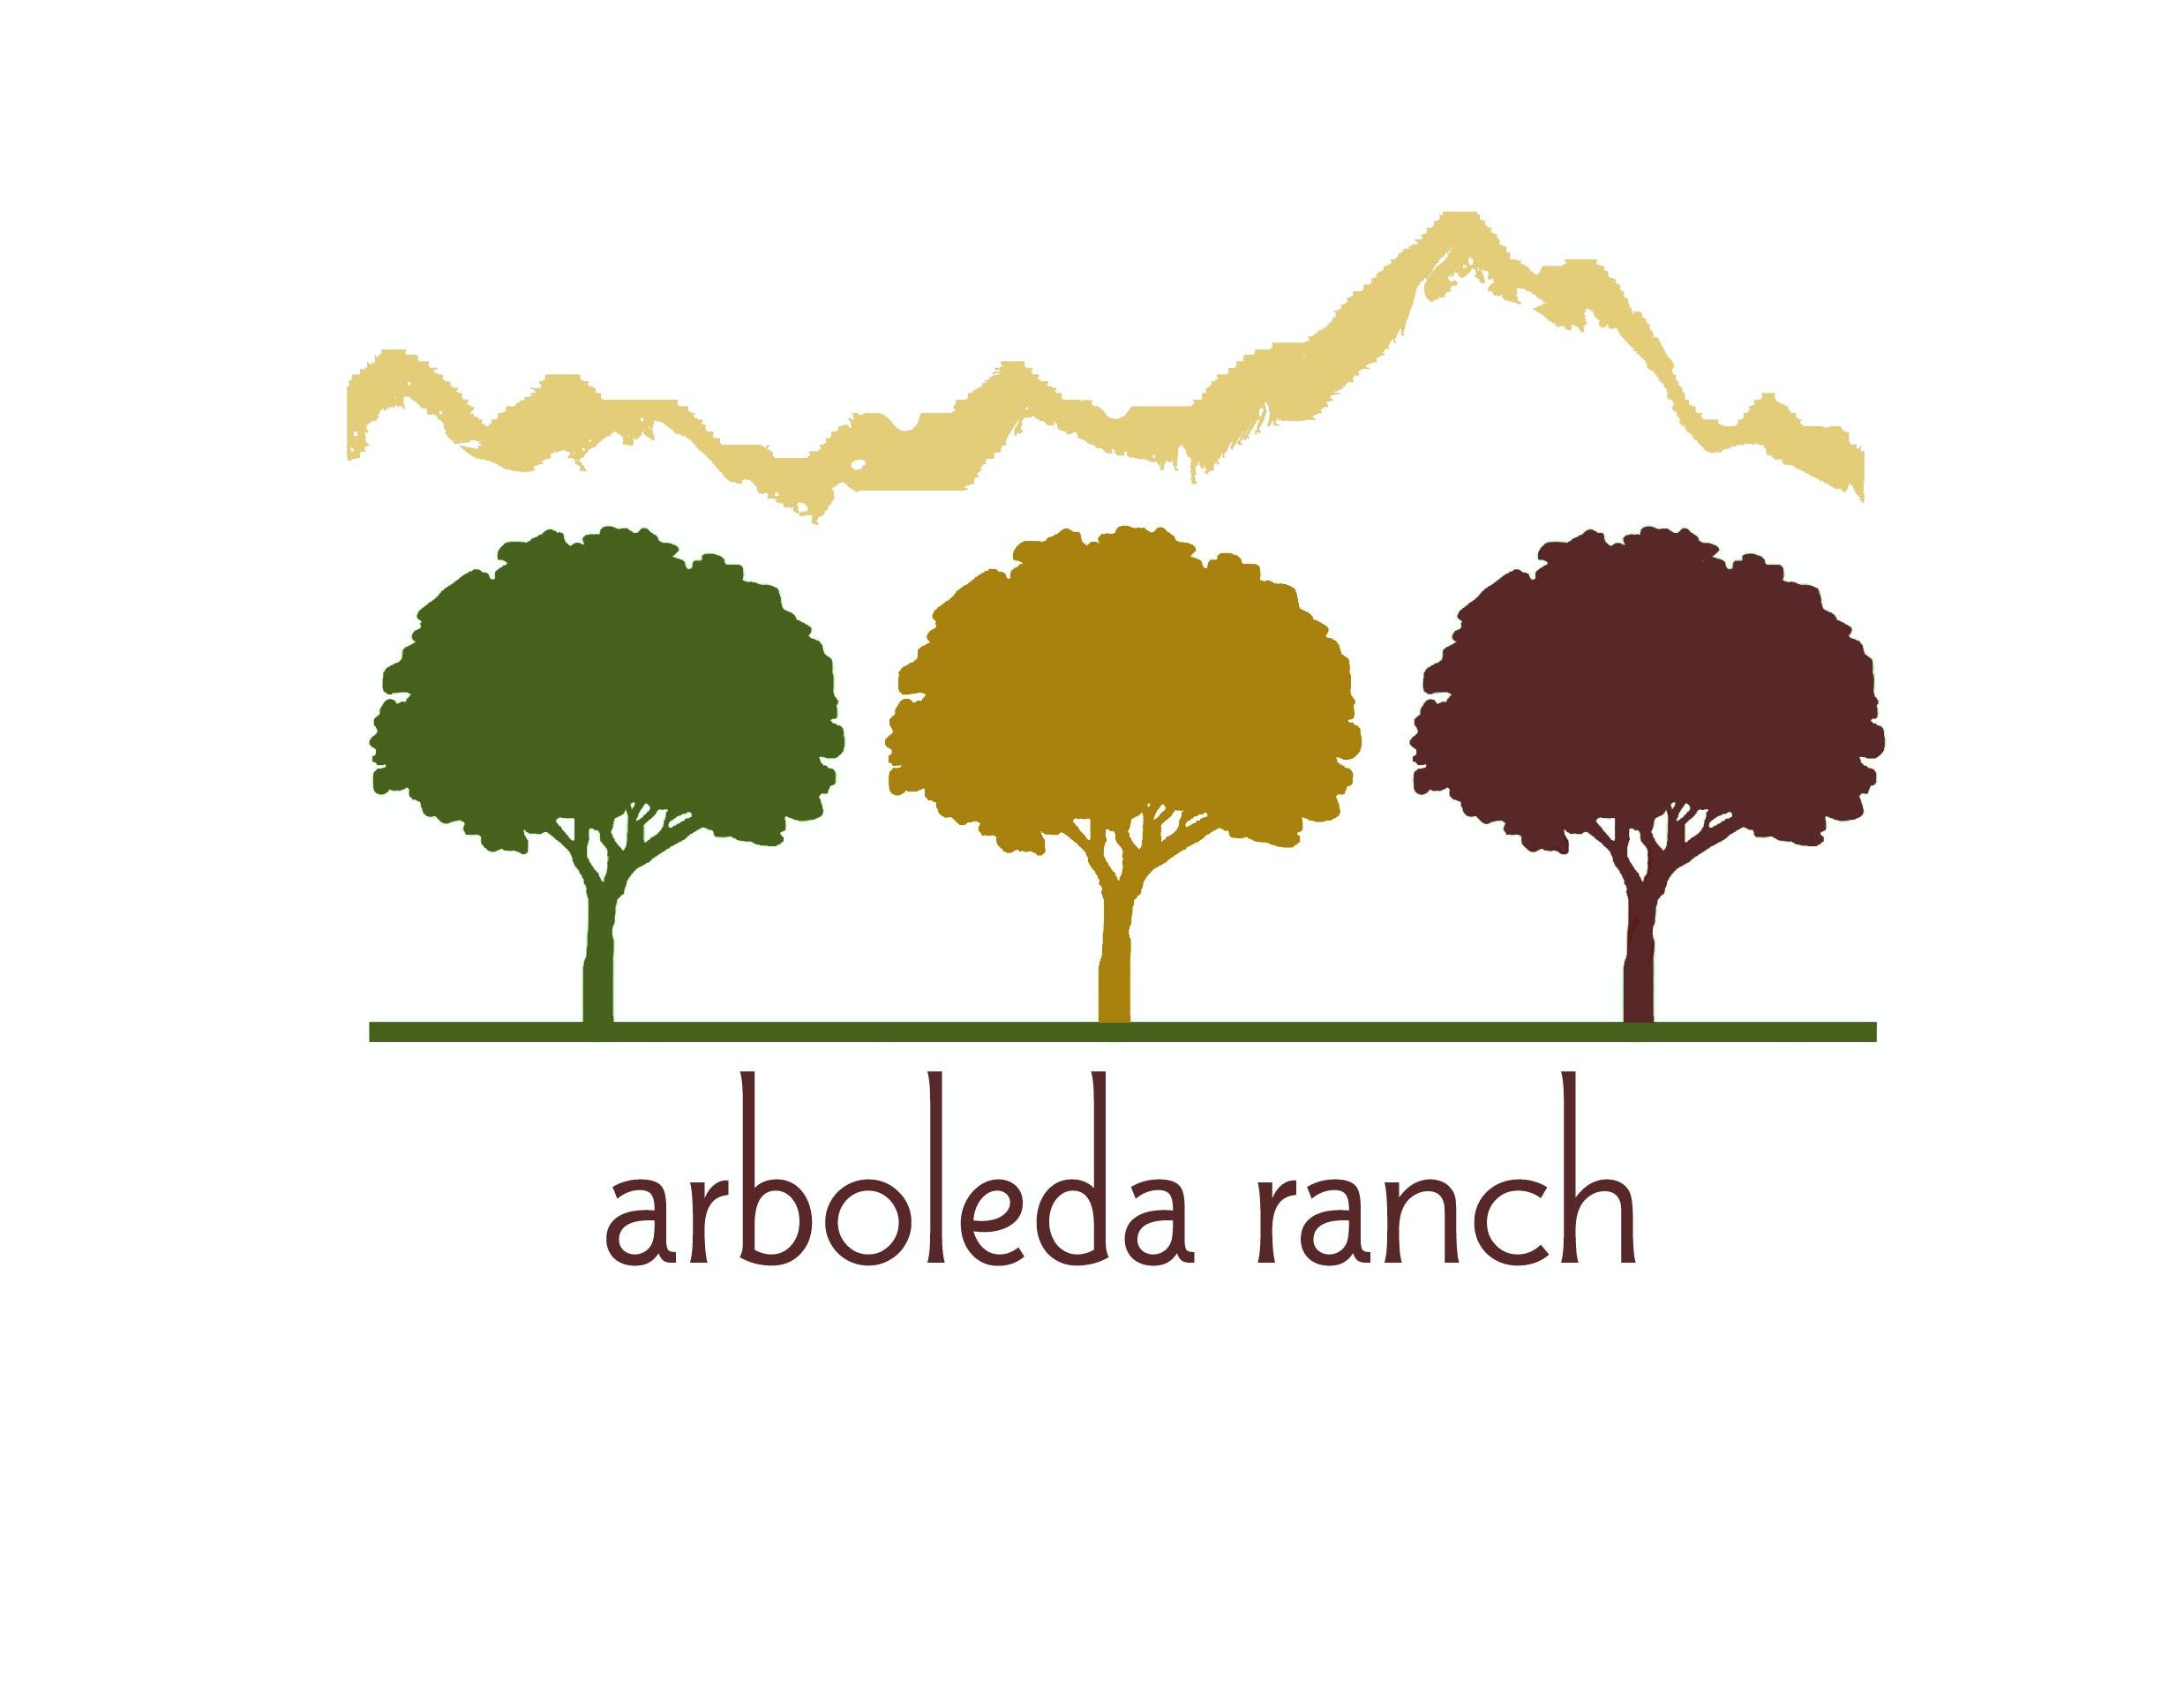 arboleda ranch